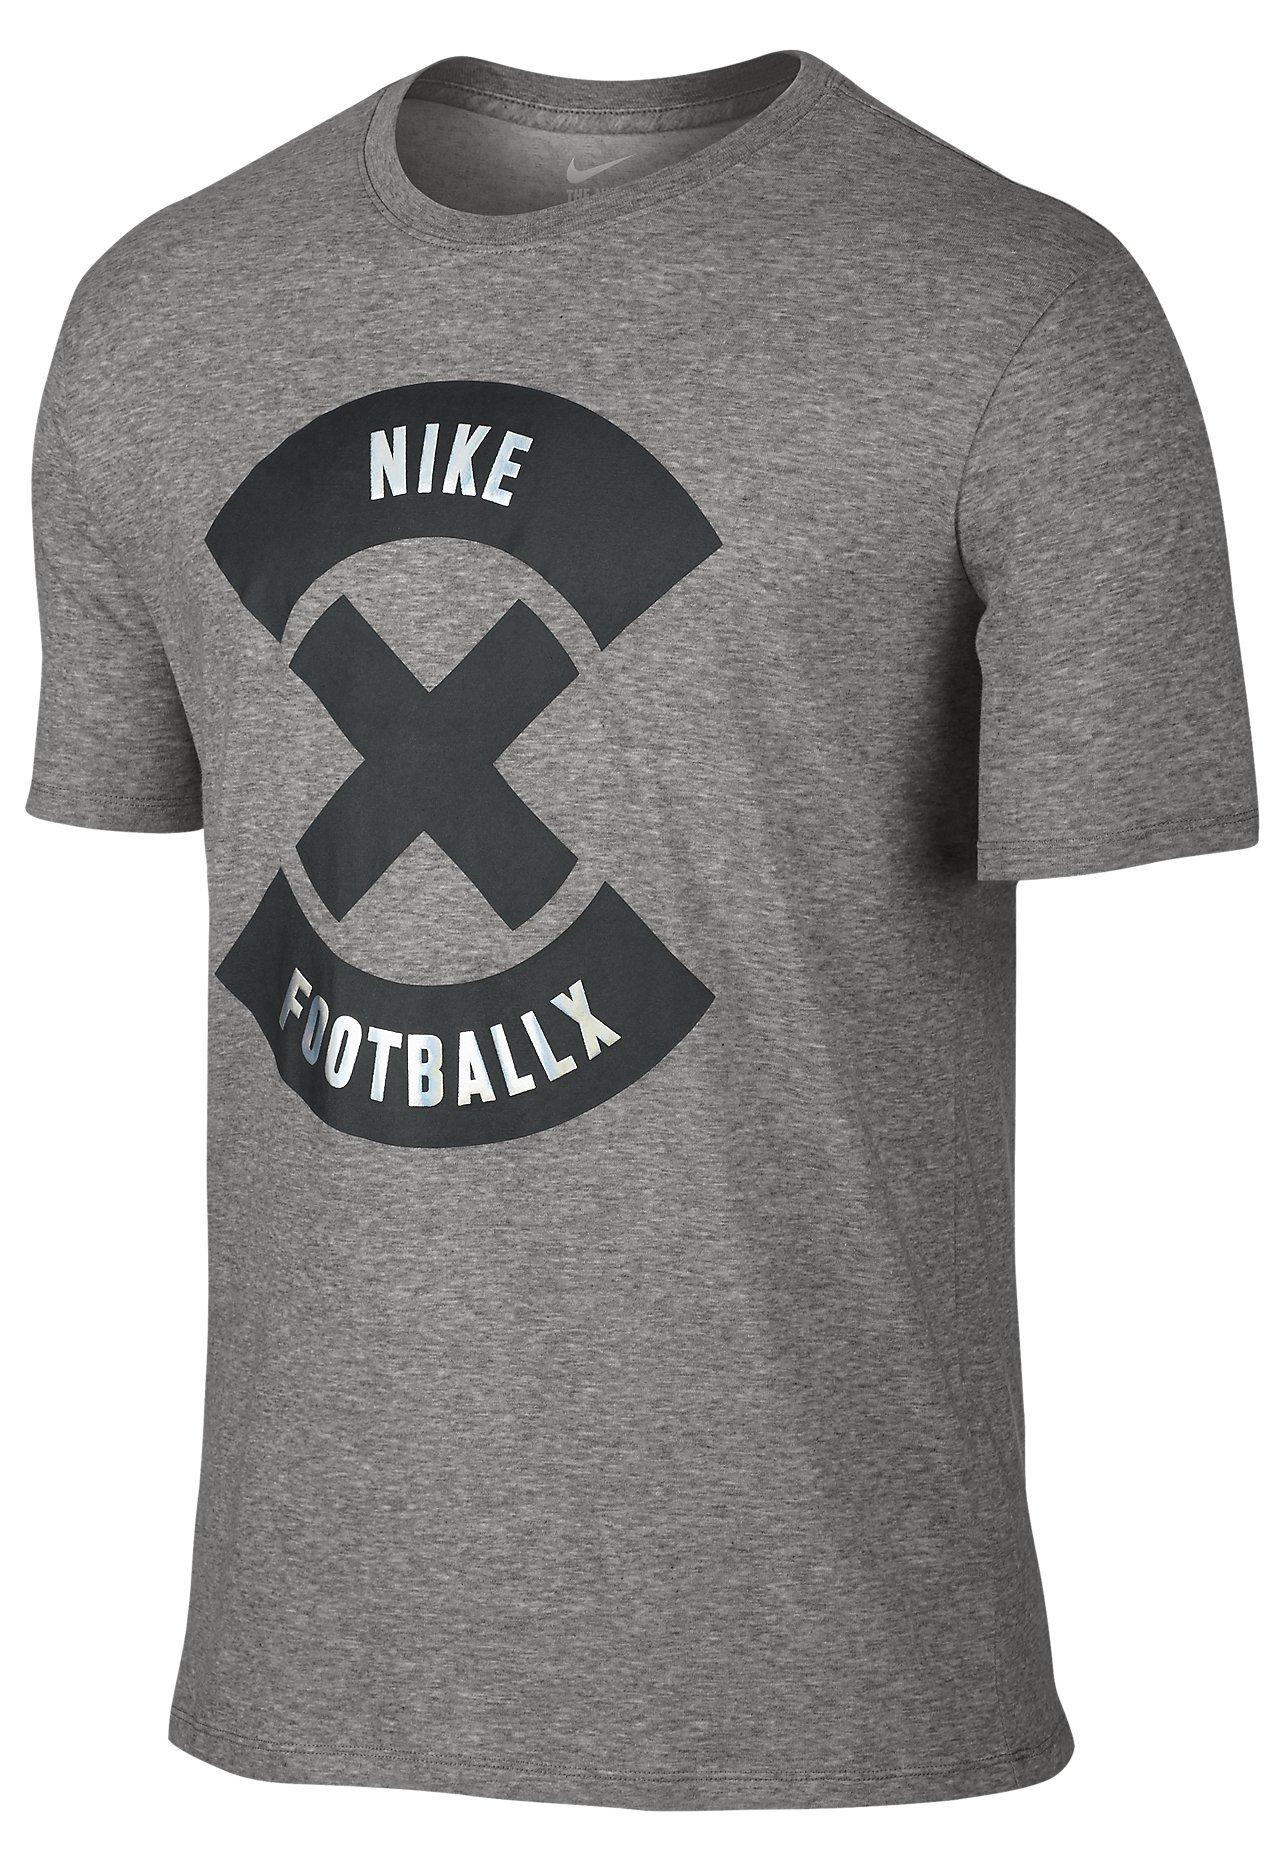 Tričko s krátkým rukávem Nike  Football X Logo